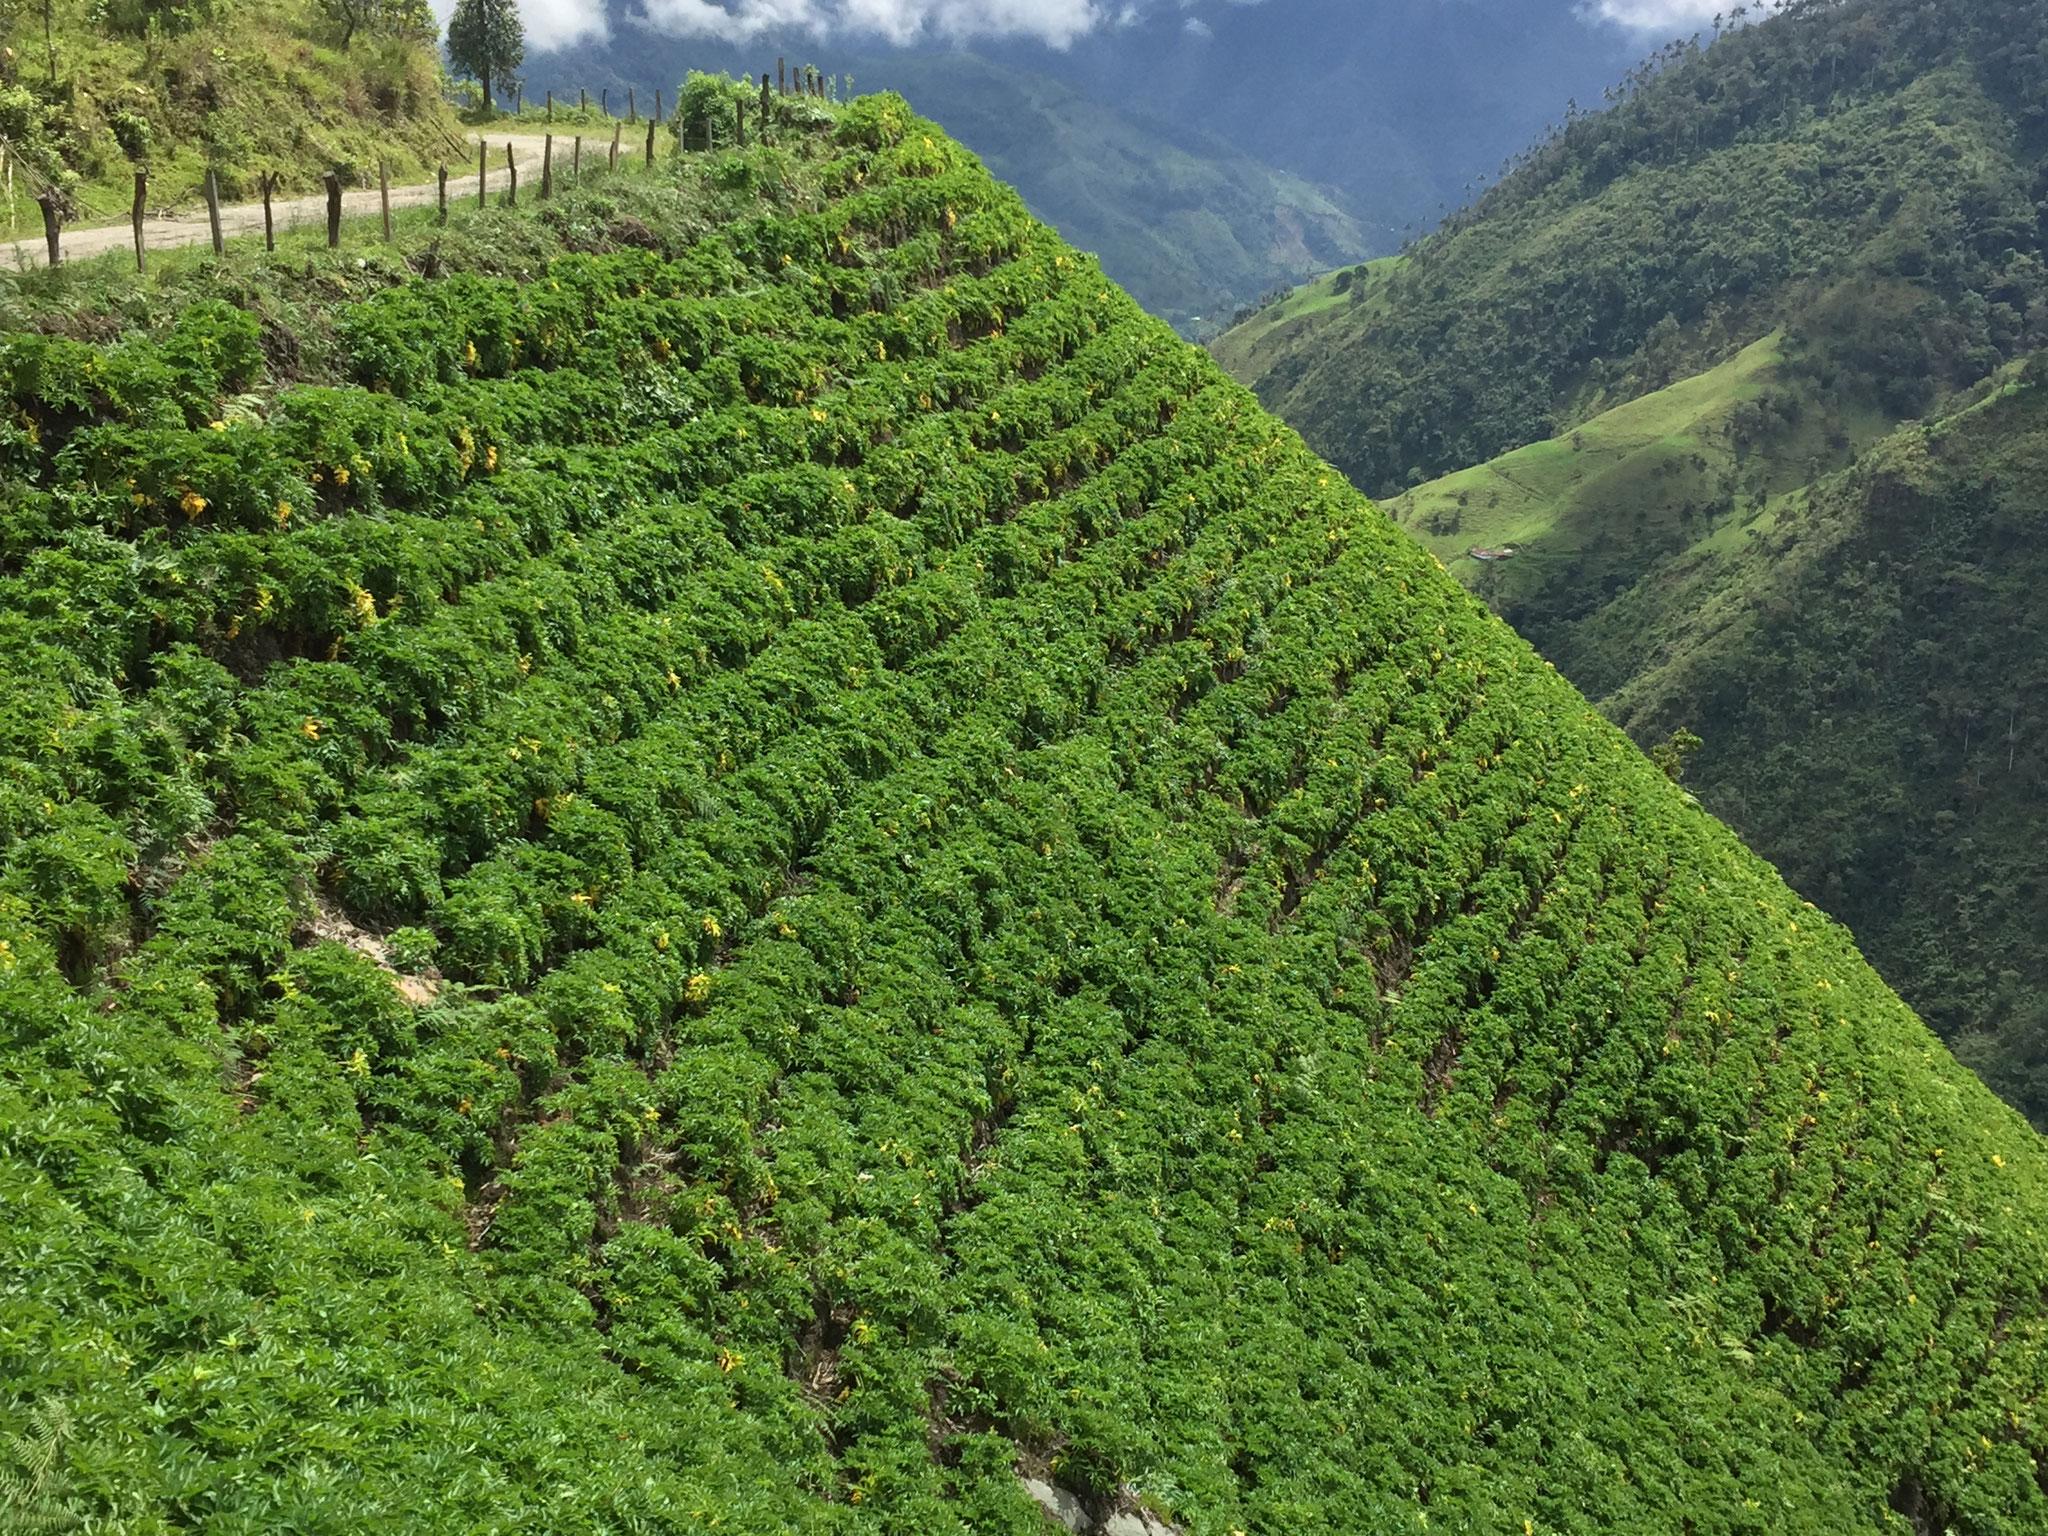 Pflanzungen an steilen Abhängen